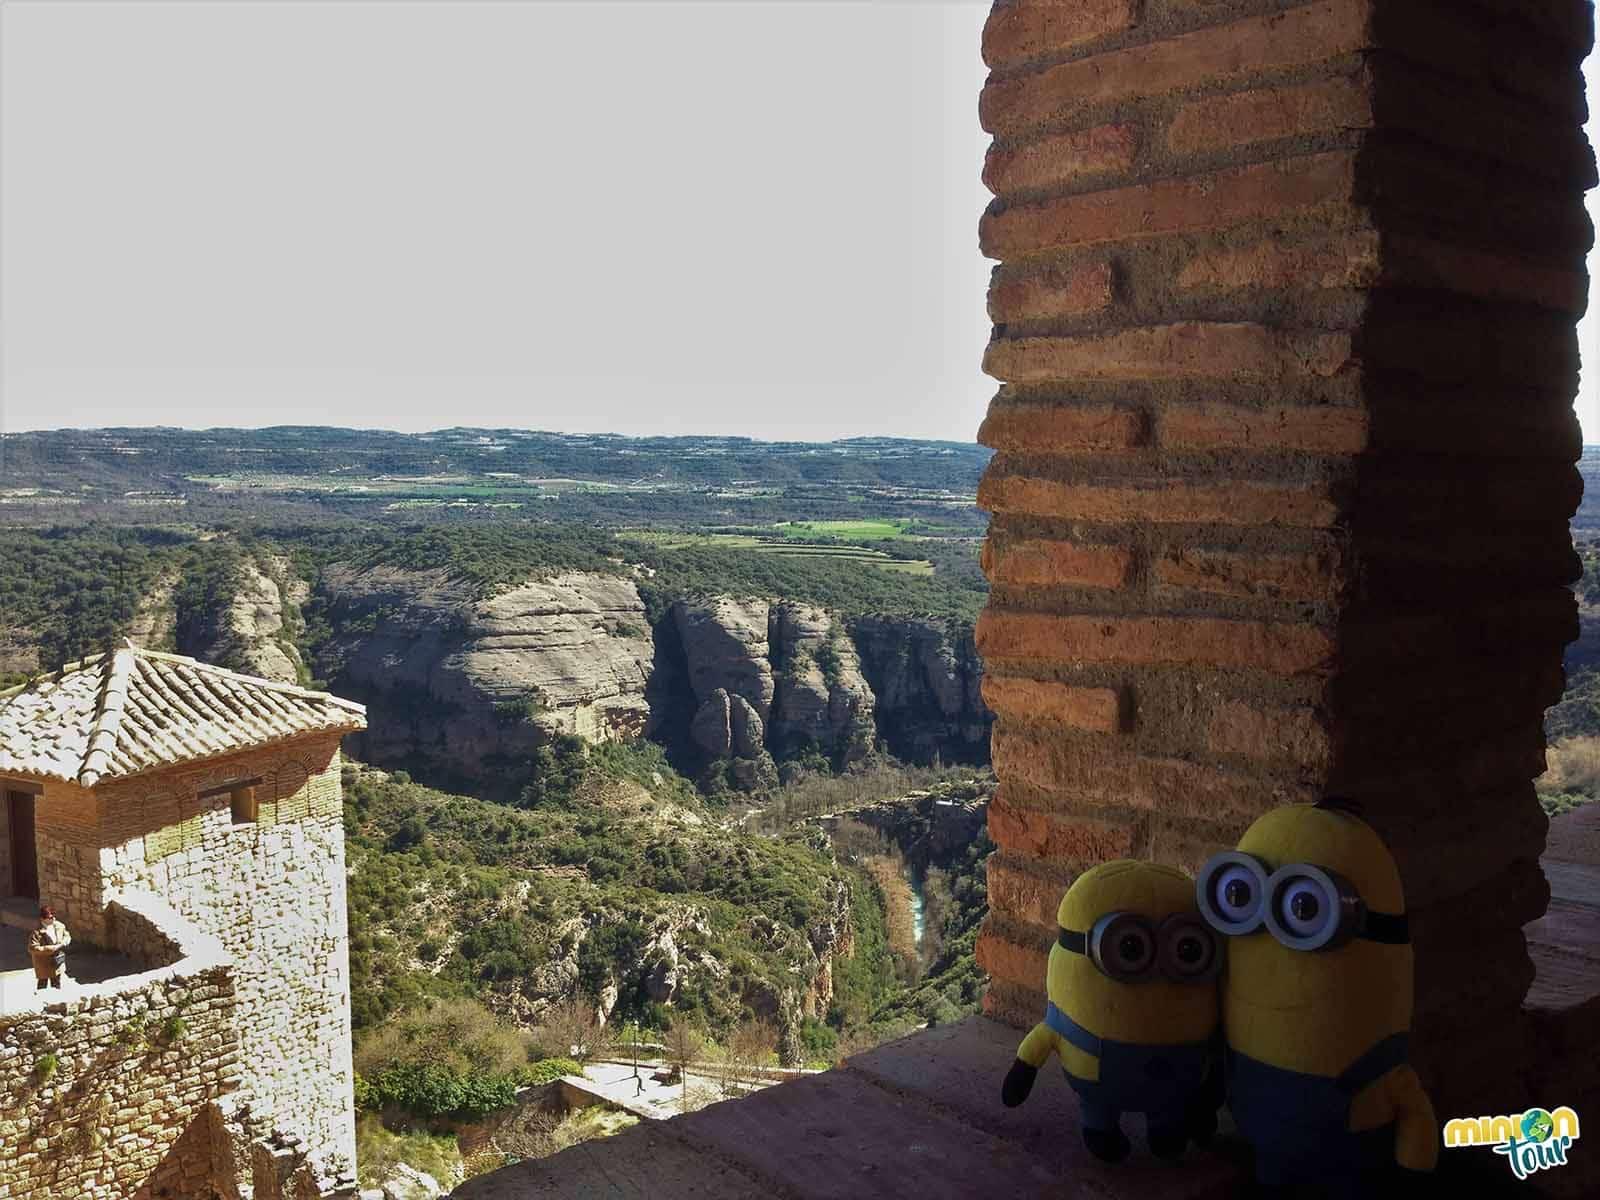 Vistas del río Vero desde lo alto del castillo-fortaleza de Alquézar